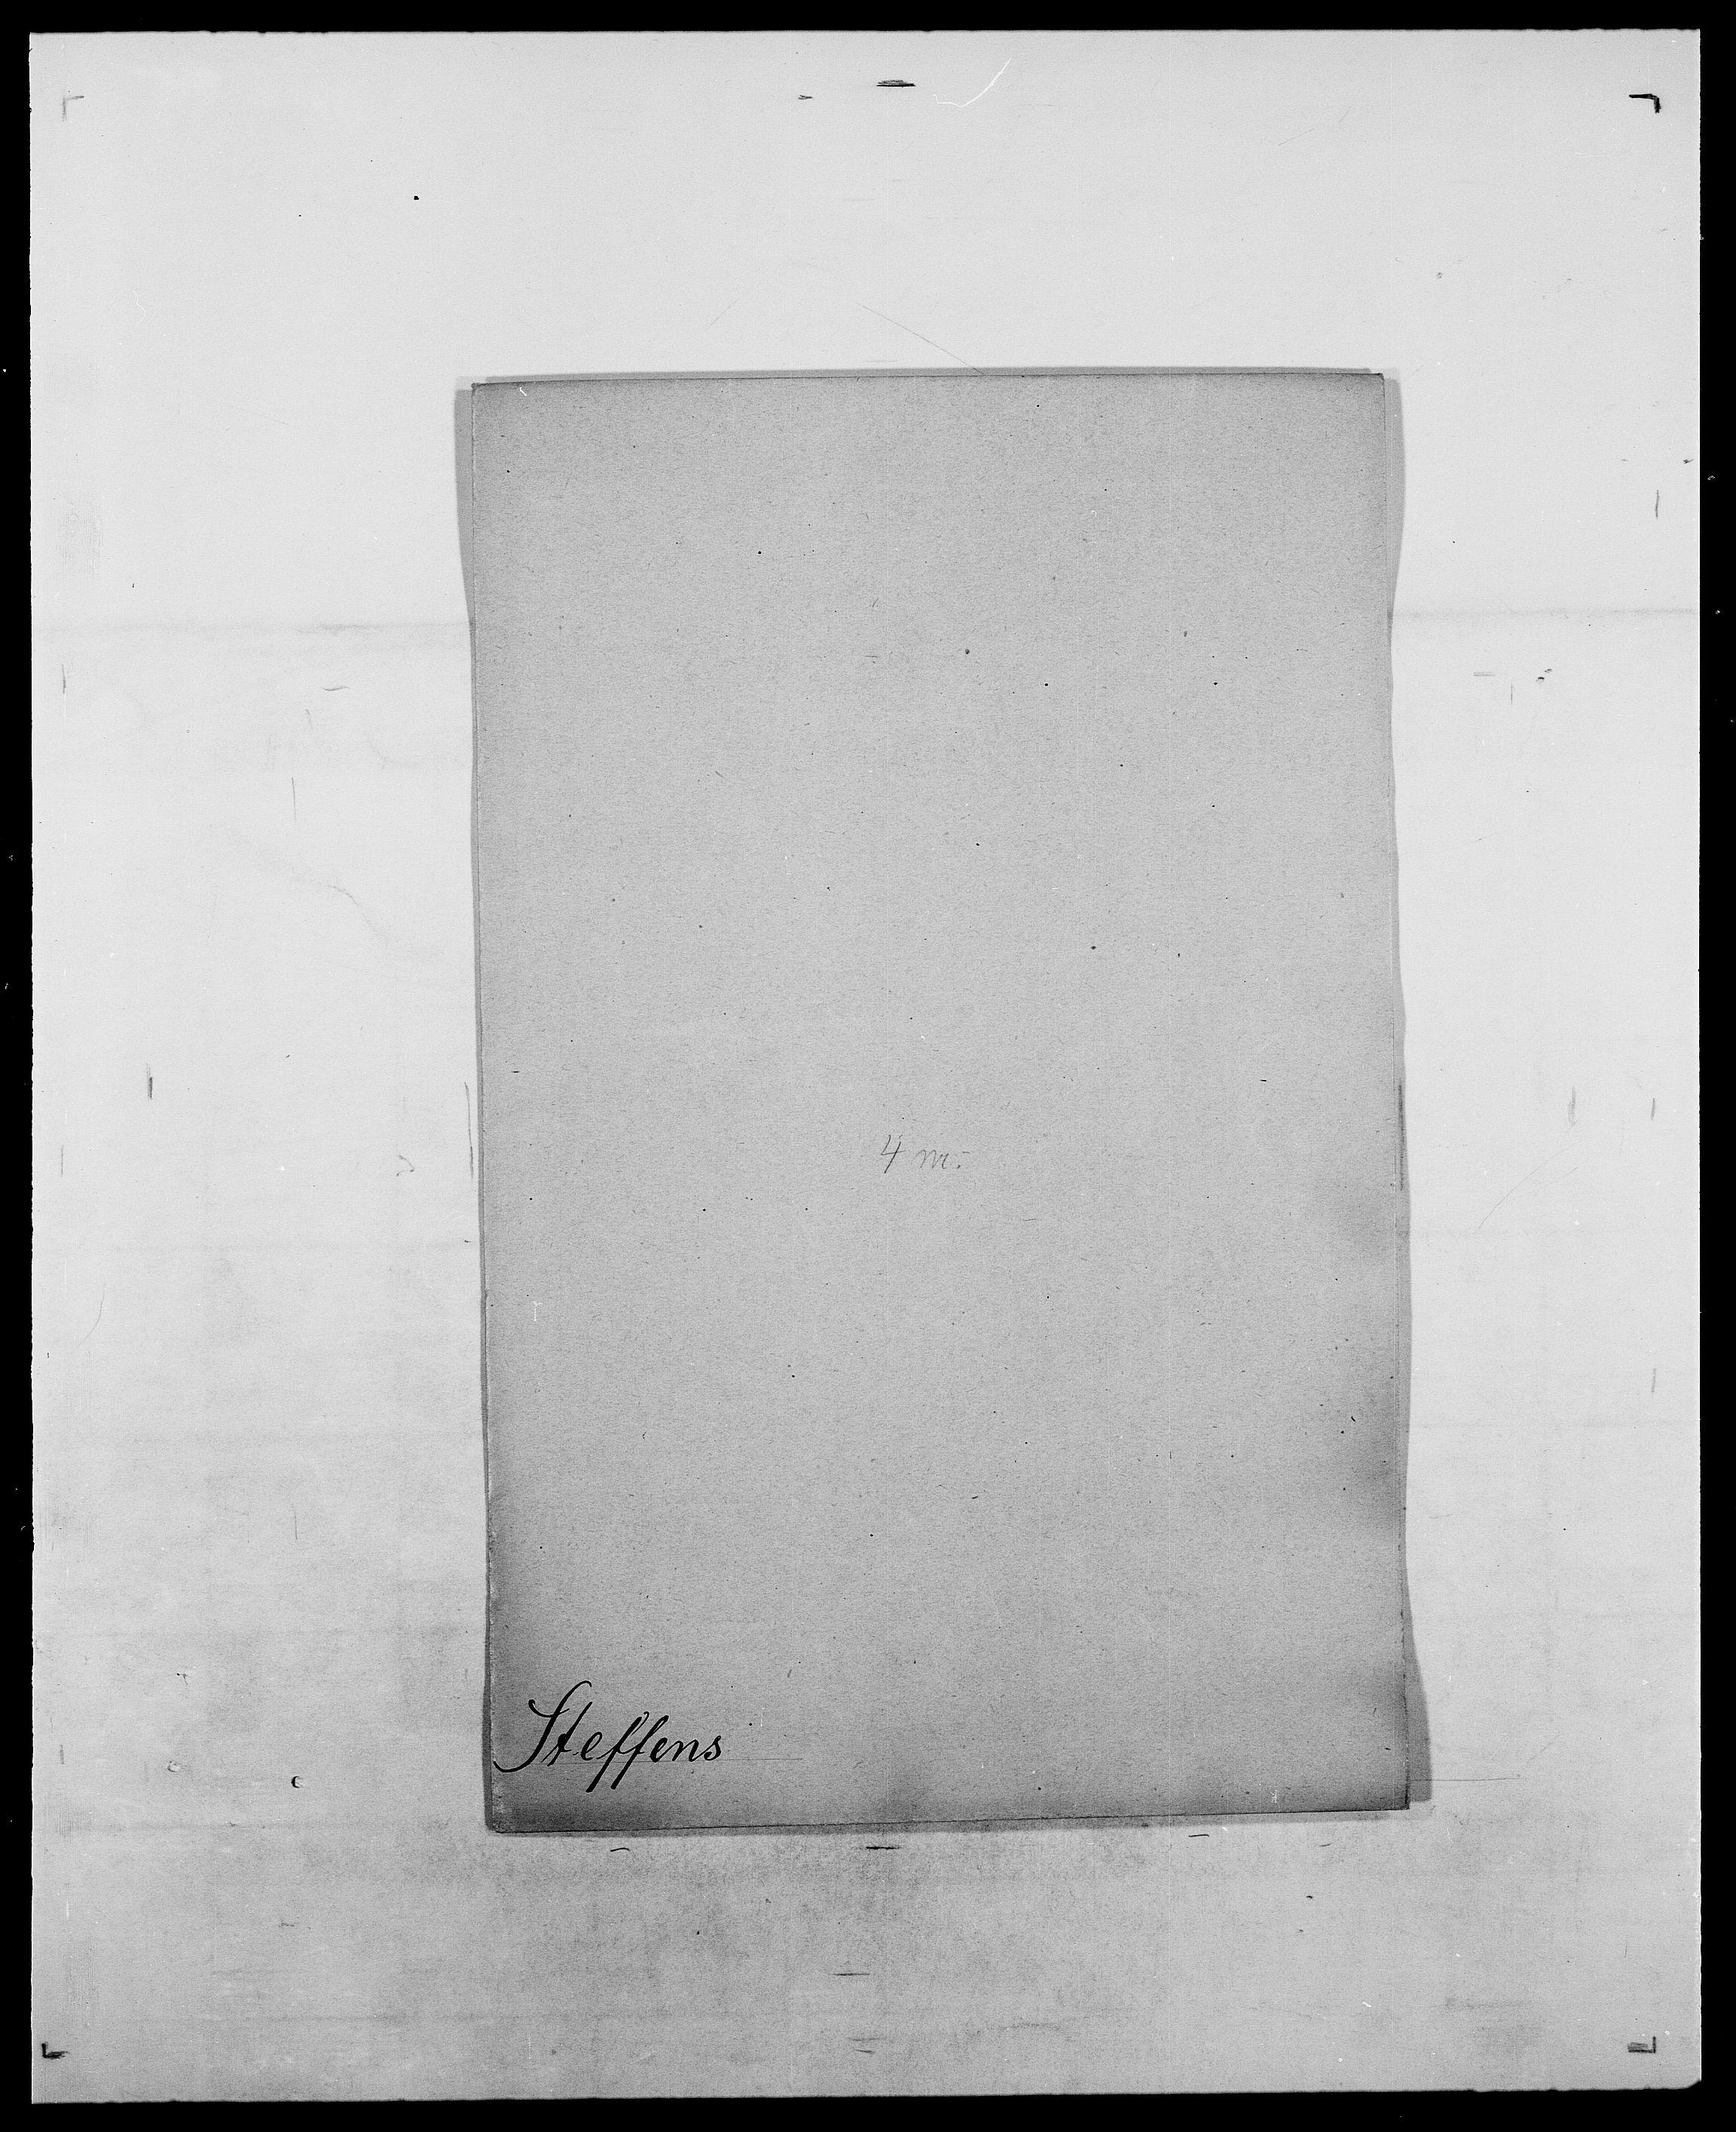 SAO, Delgobe, Charles Antoine - samling, D/Da/L0037: Steen, Sthen, Stein - Svare, Svanige, Svanne, se også Svanning og Schwane, s. 225